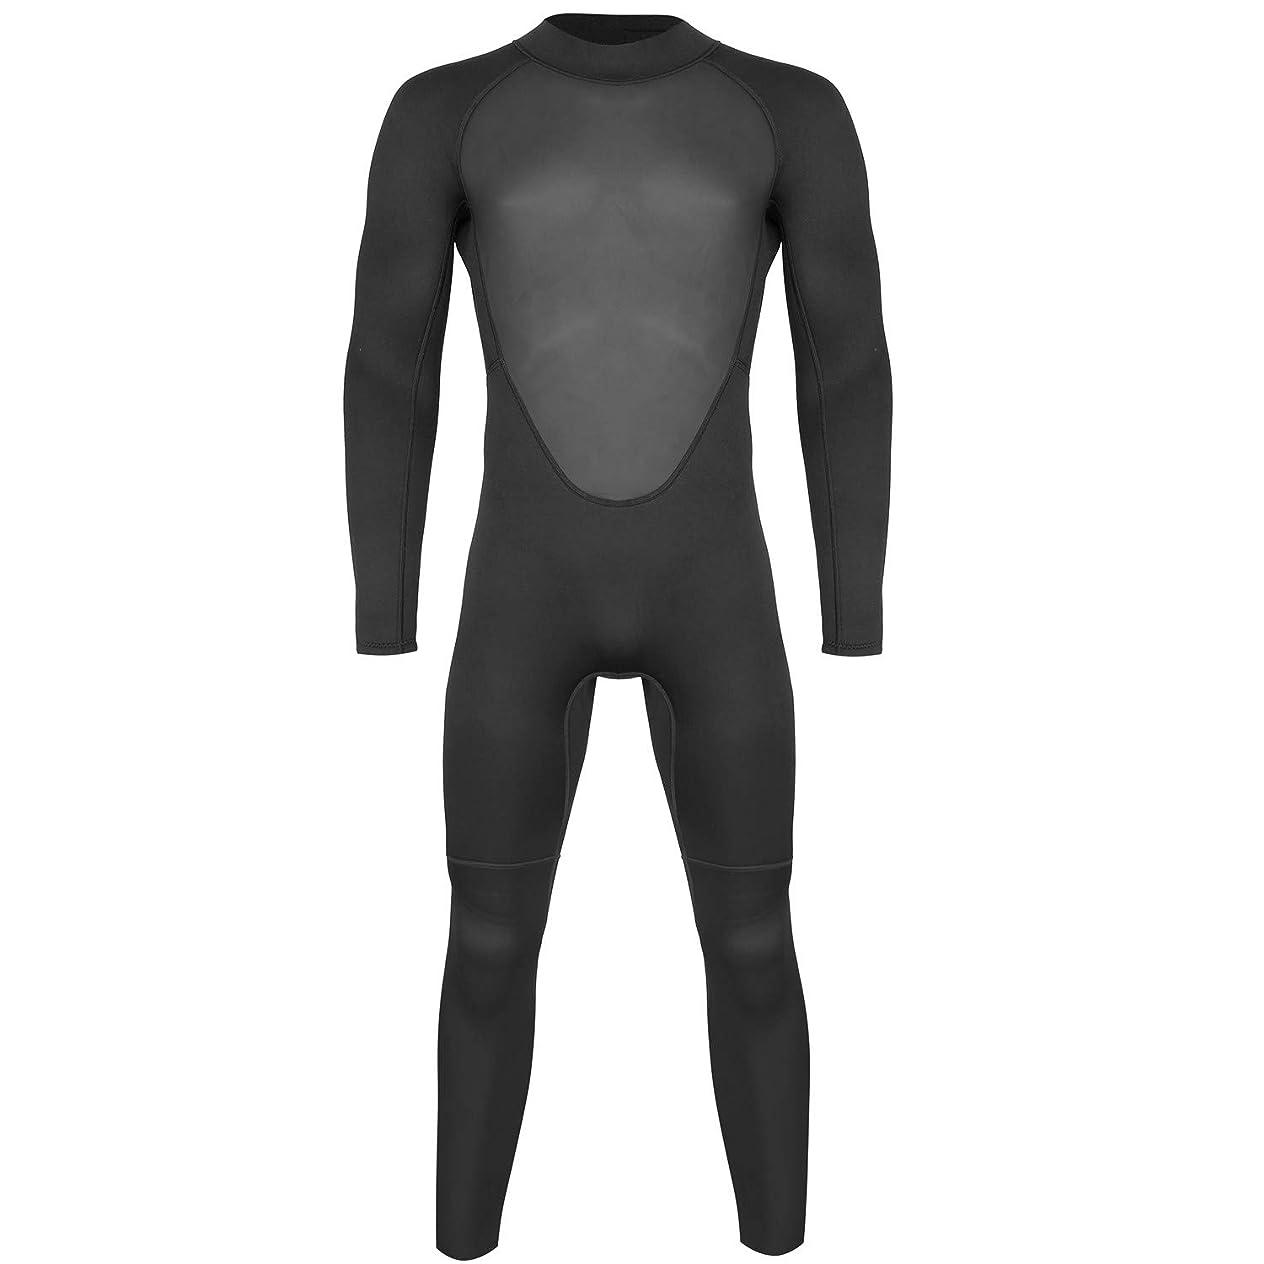 異形はがきテキストMORGEN SKY ウェットスーツ メンズ ワンピース ネオプレン素材 胸部スキン サーフスーツ ダイビング カヤック カヌー SUP 沢登り パドリングウェア MY001